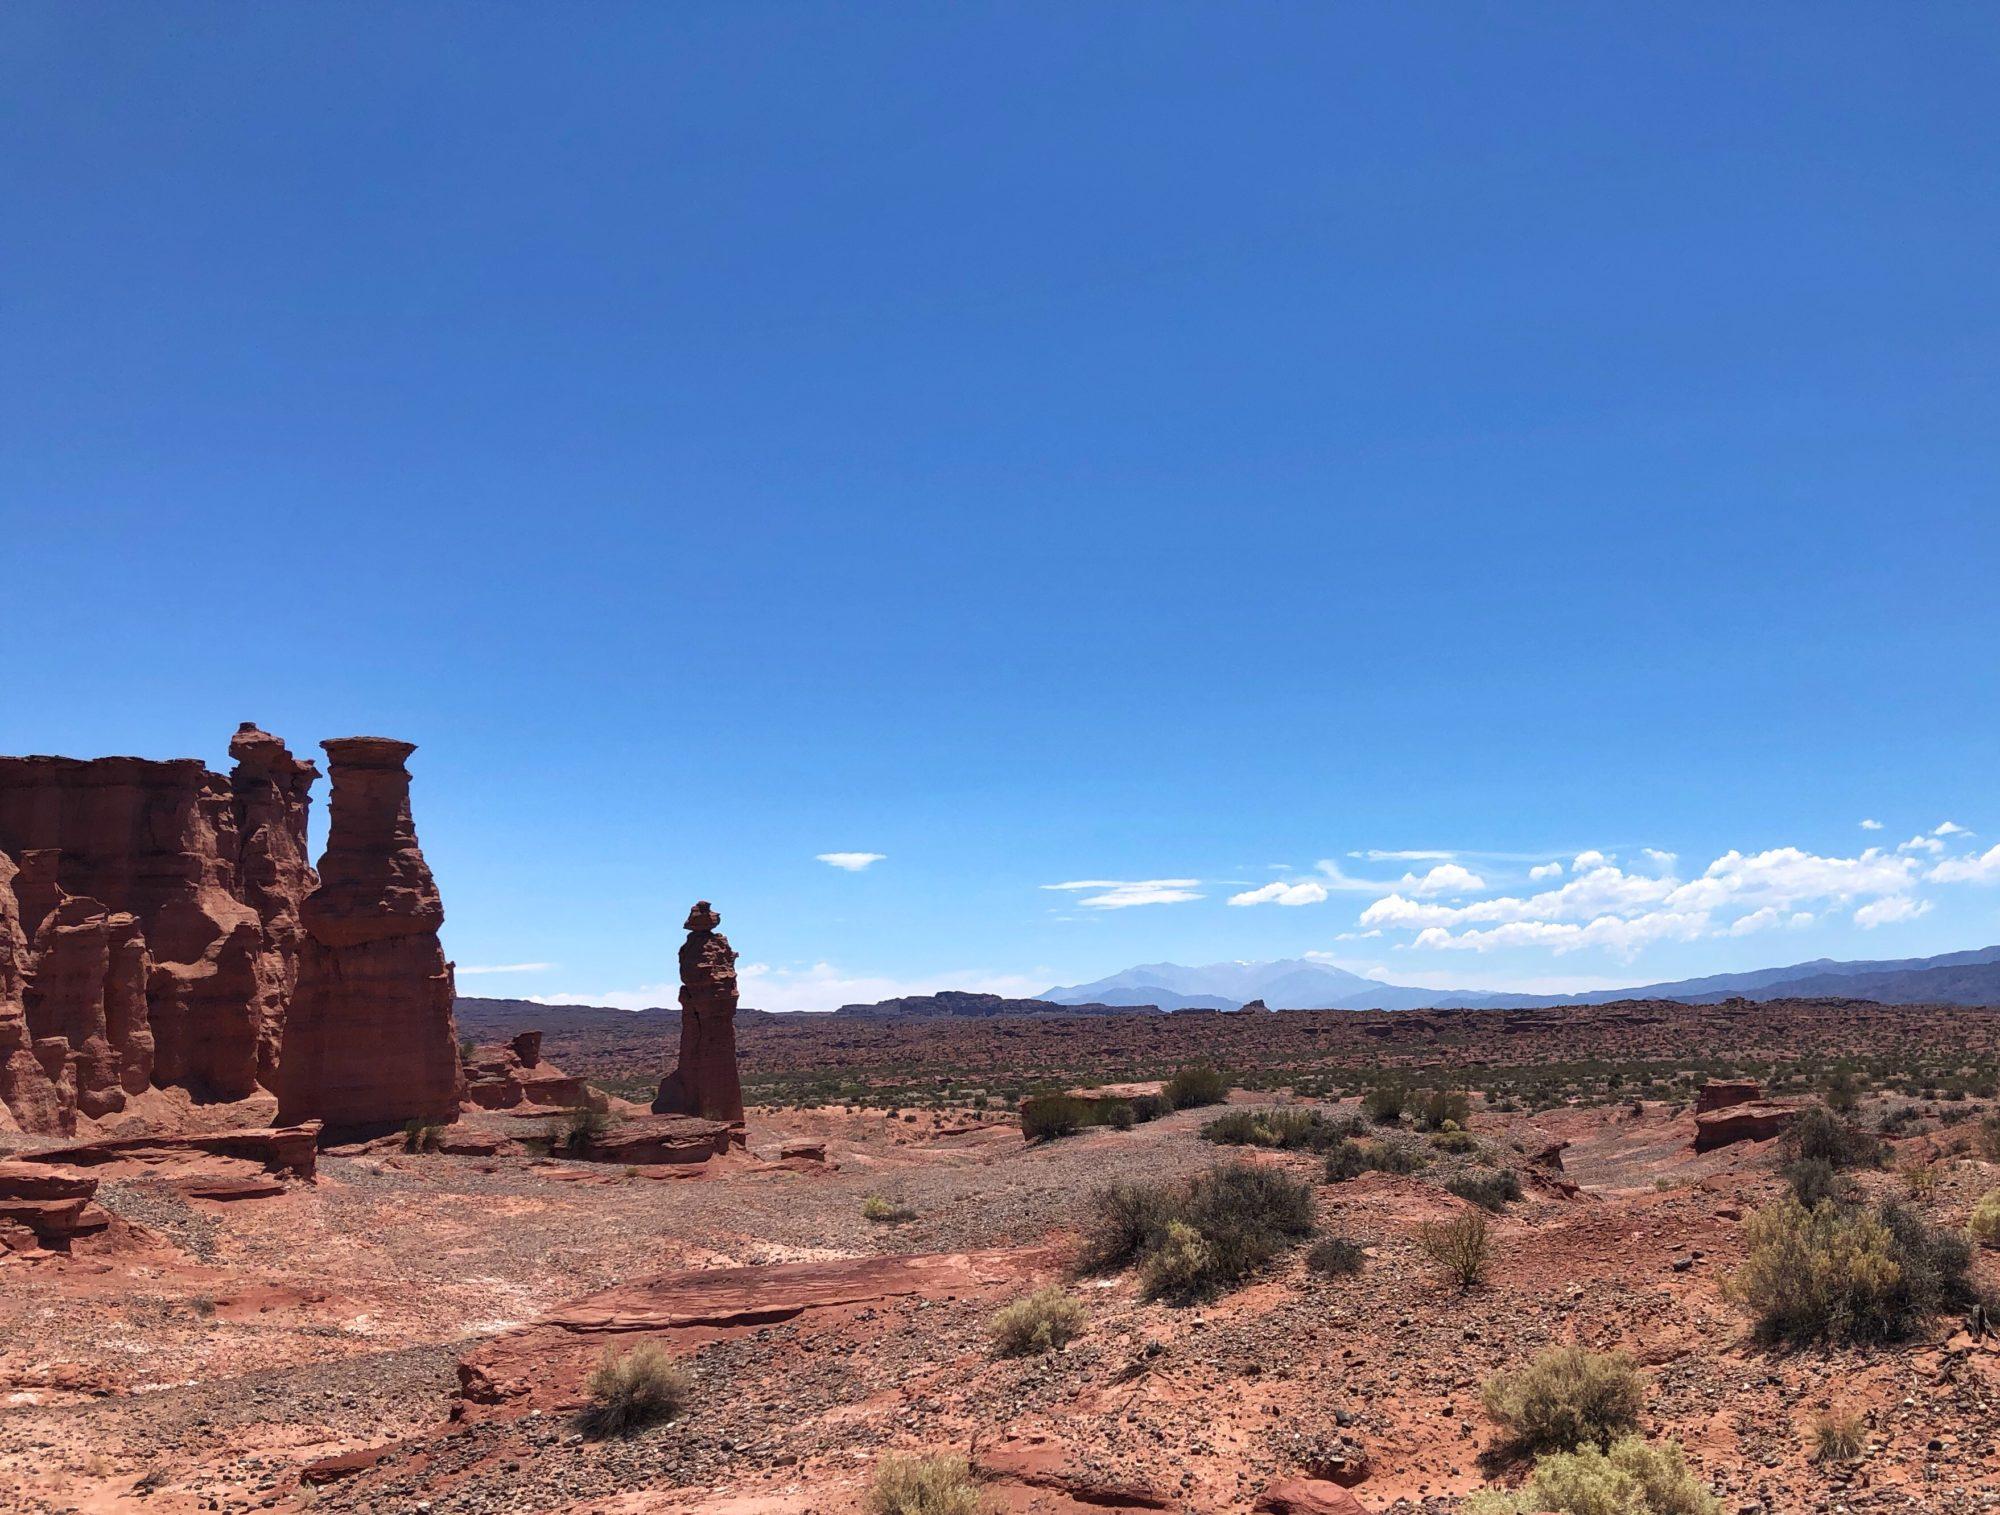 Der Mönch - Nationalpark Talampaya Argentinien